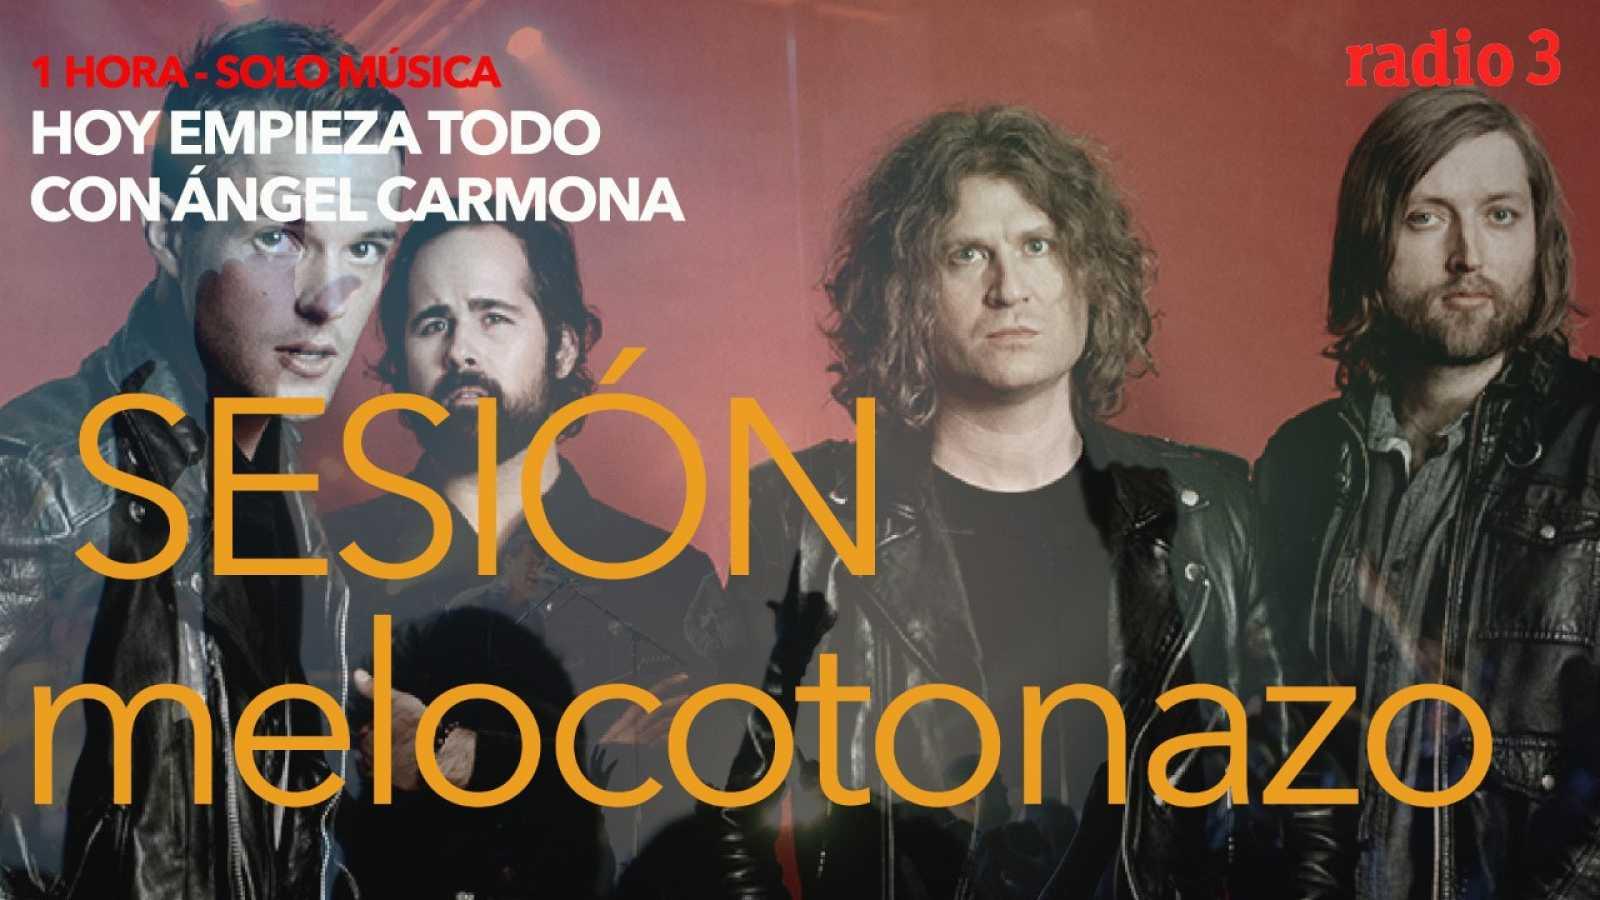 Hoy empieza todo con Ángel Carmona - #SesiónMelocotonazo: The Killers, Willie Nelson, Venturi... - 29/04/21 - escuchar ahora